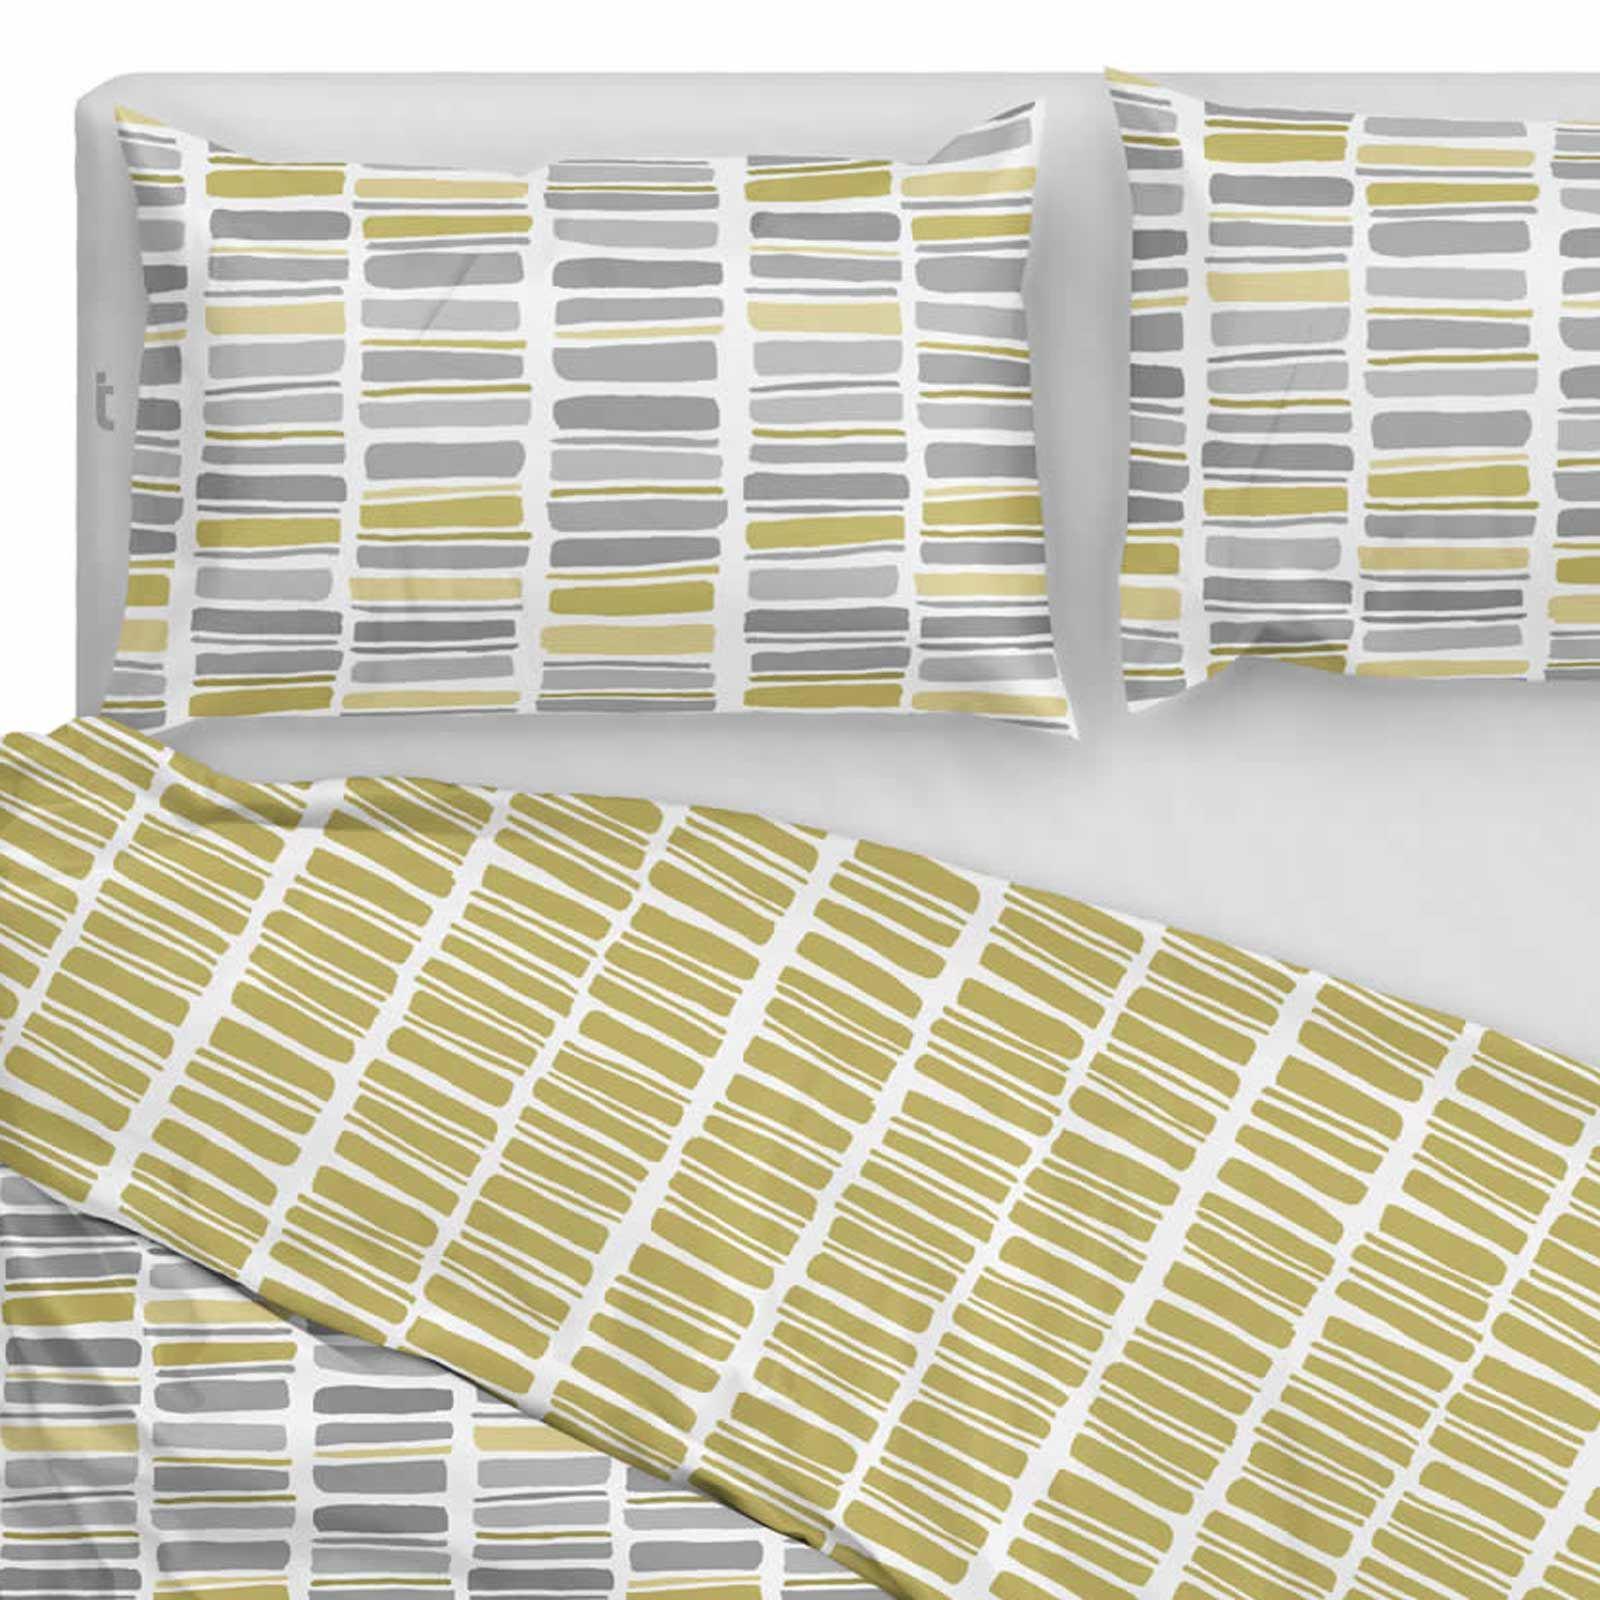 Fundas nórdicas Saturn rayas impresión geométrica Reversible conjuntos de ropa de cama de algodón para edredón